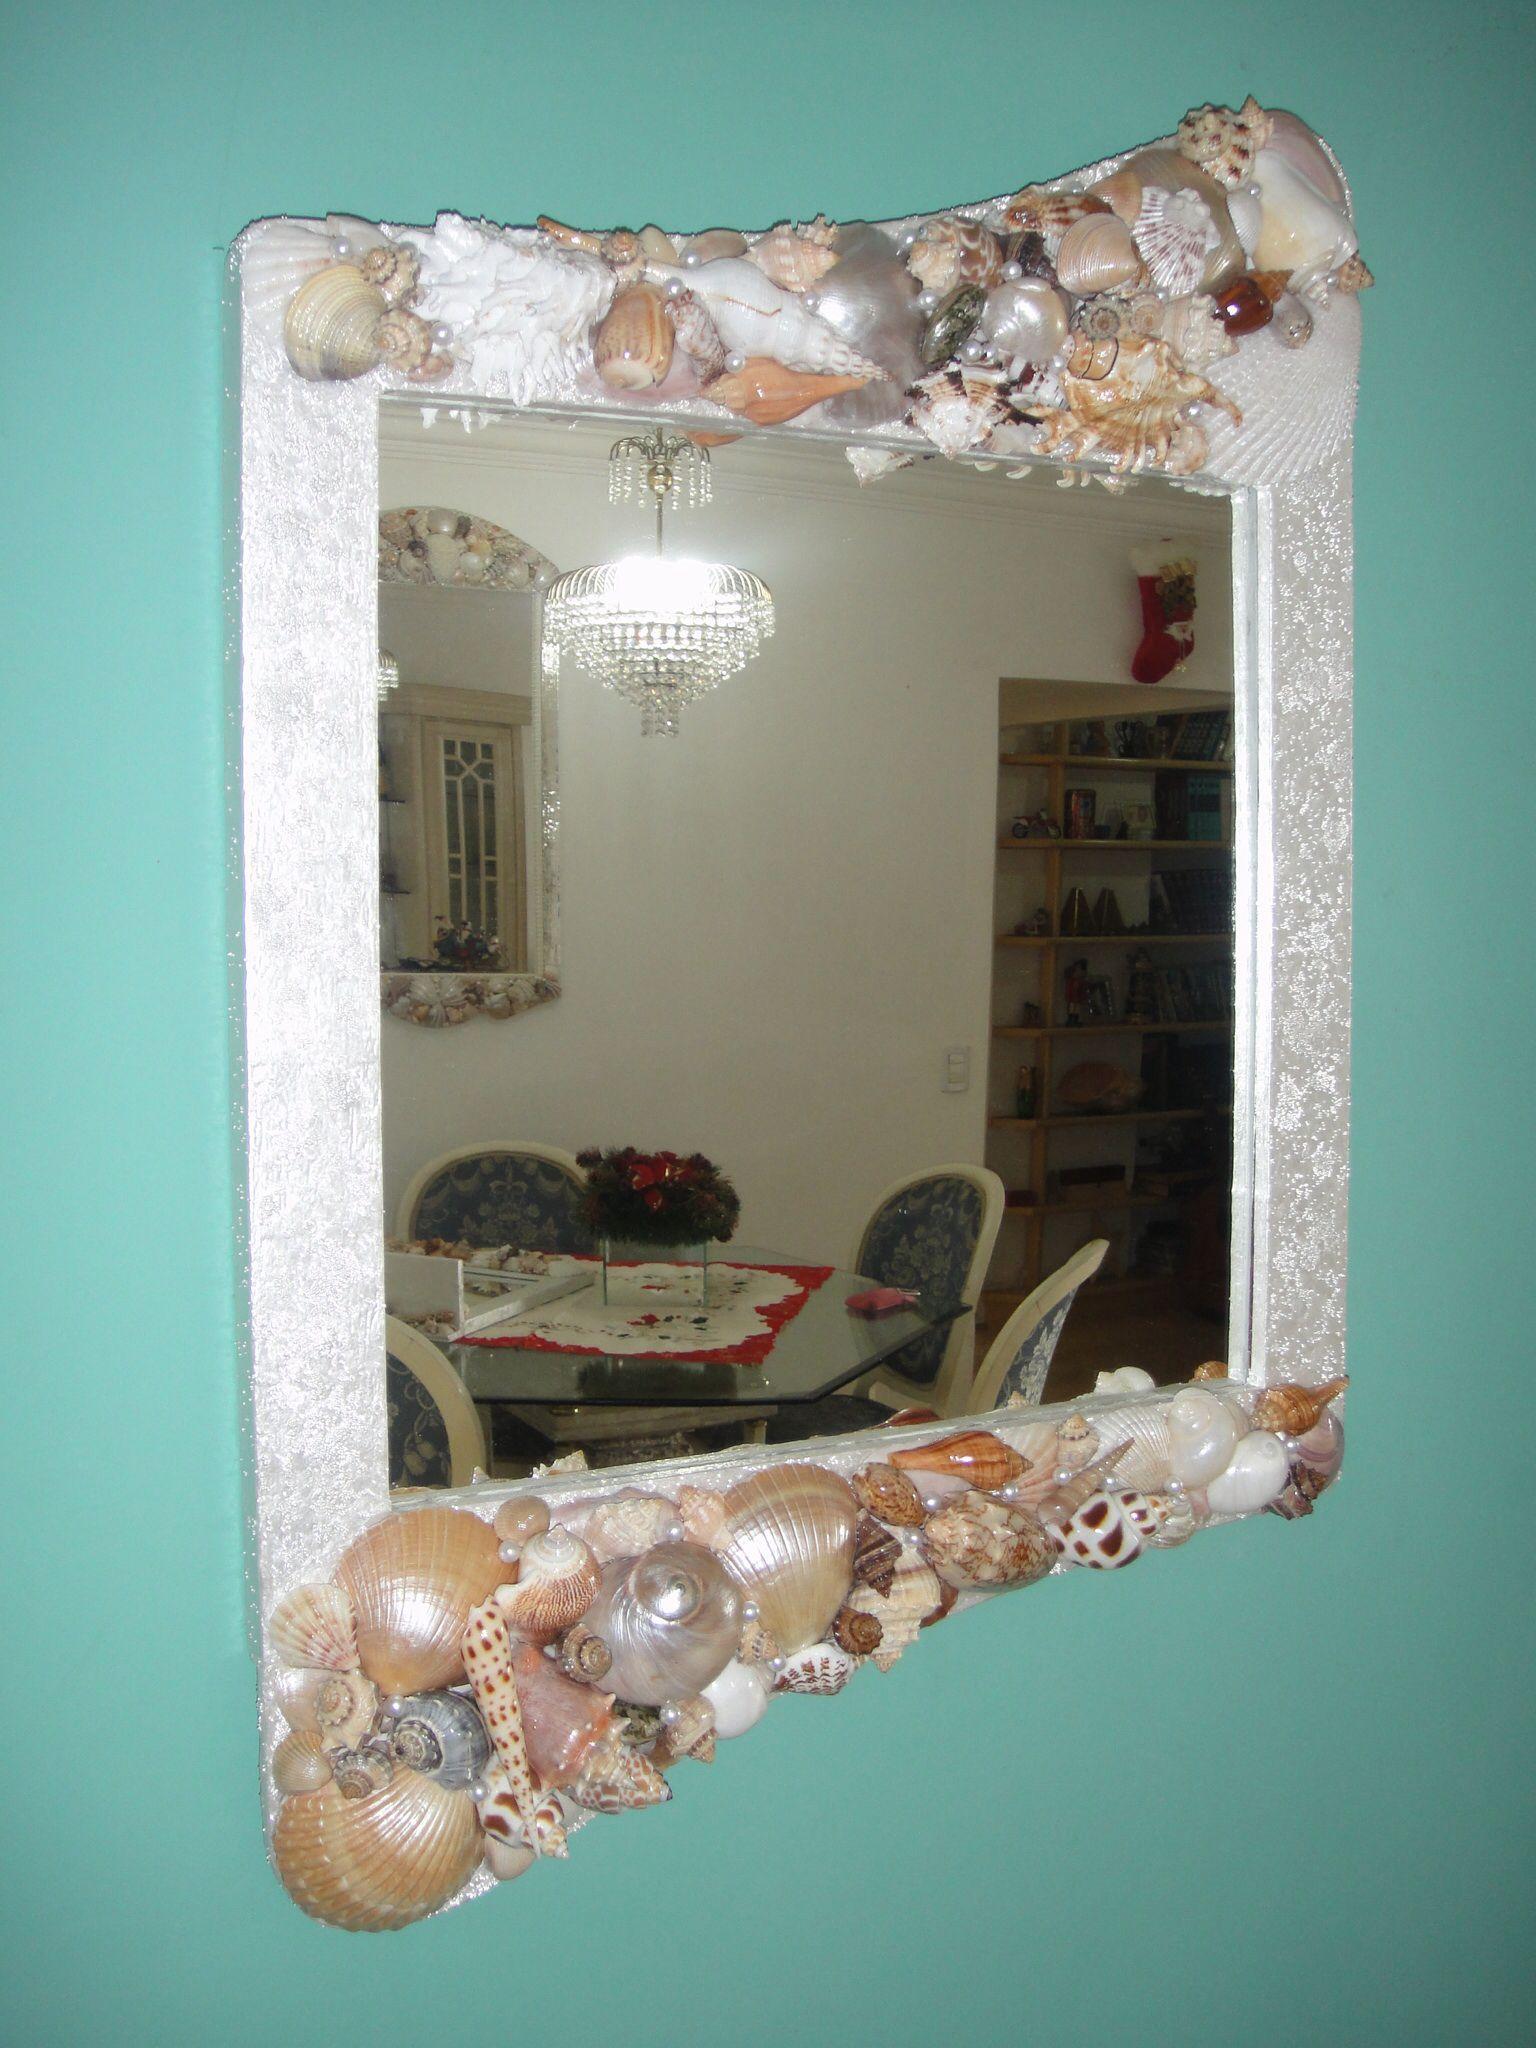 Espelhos com decora o de conchas do mar informa es no - Decoracion con conchas ...